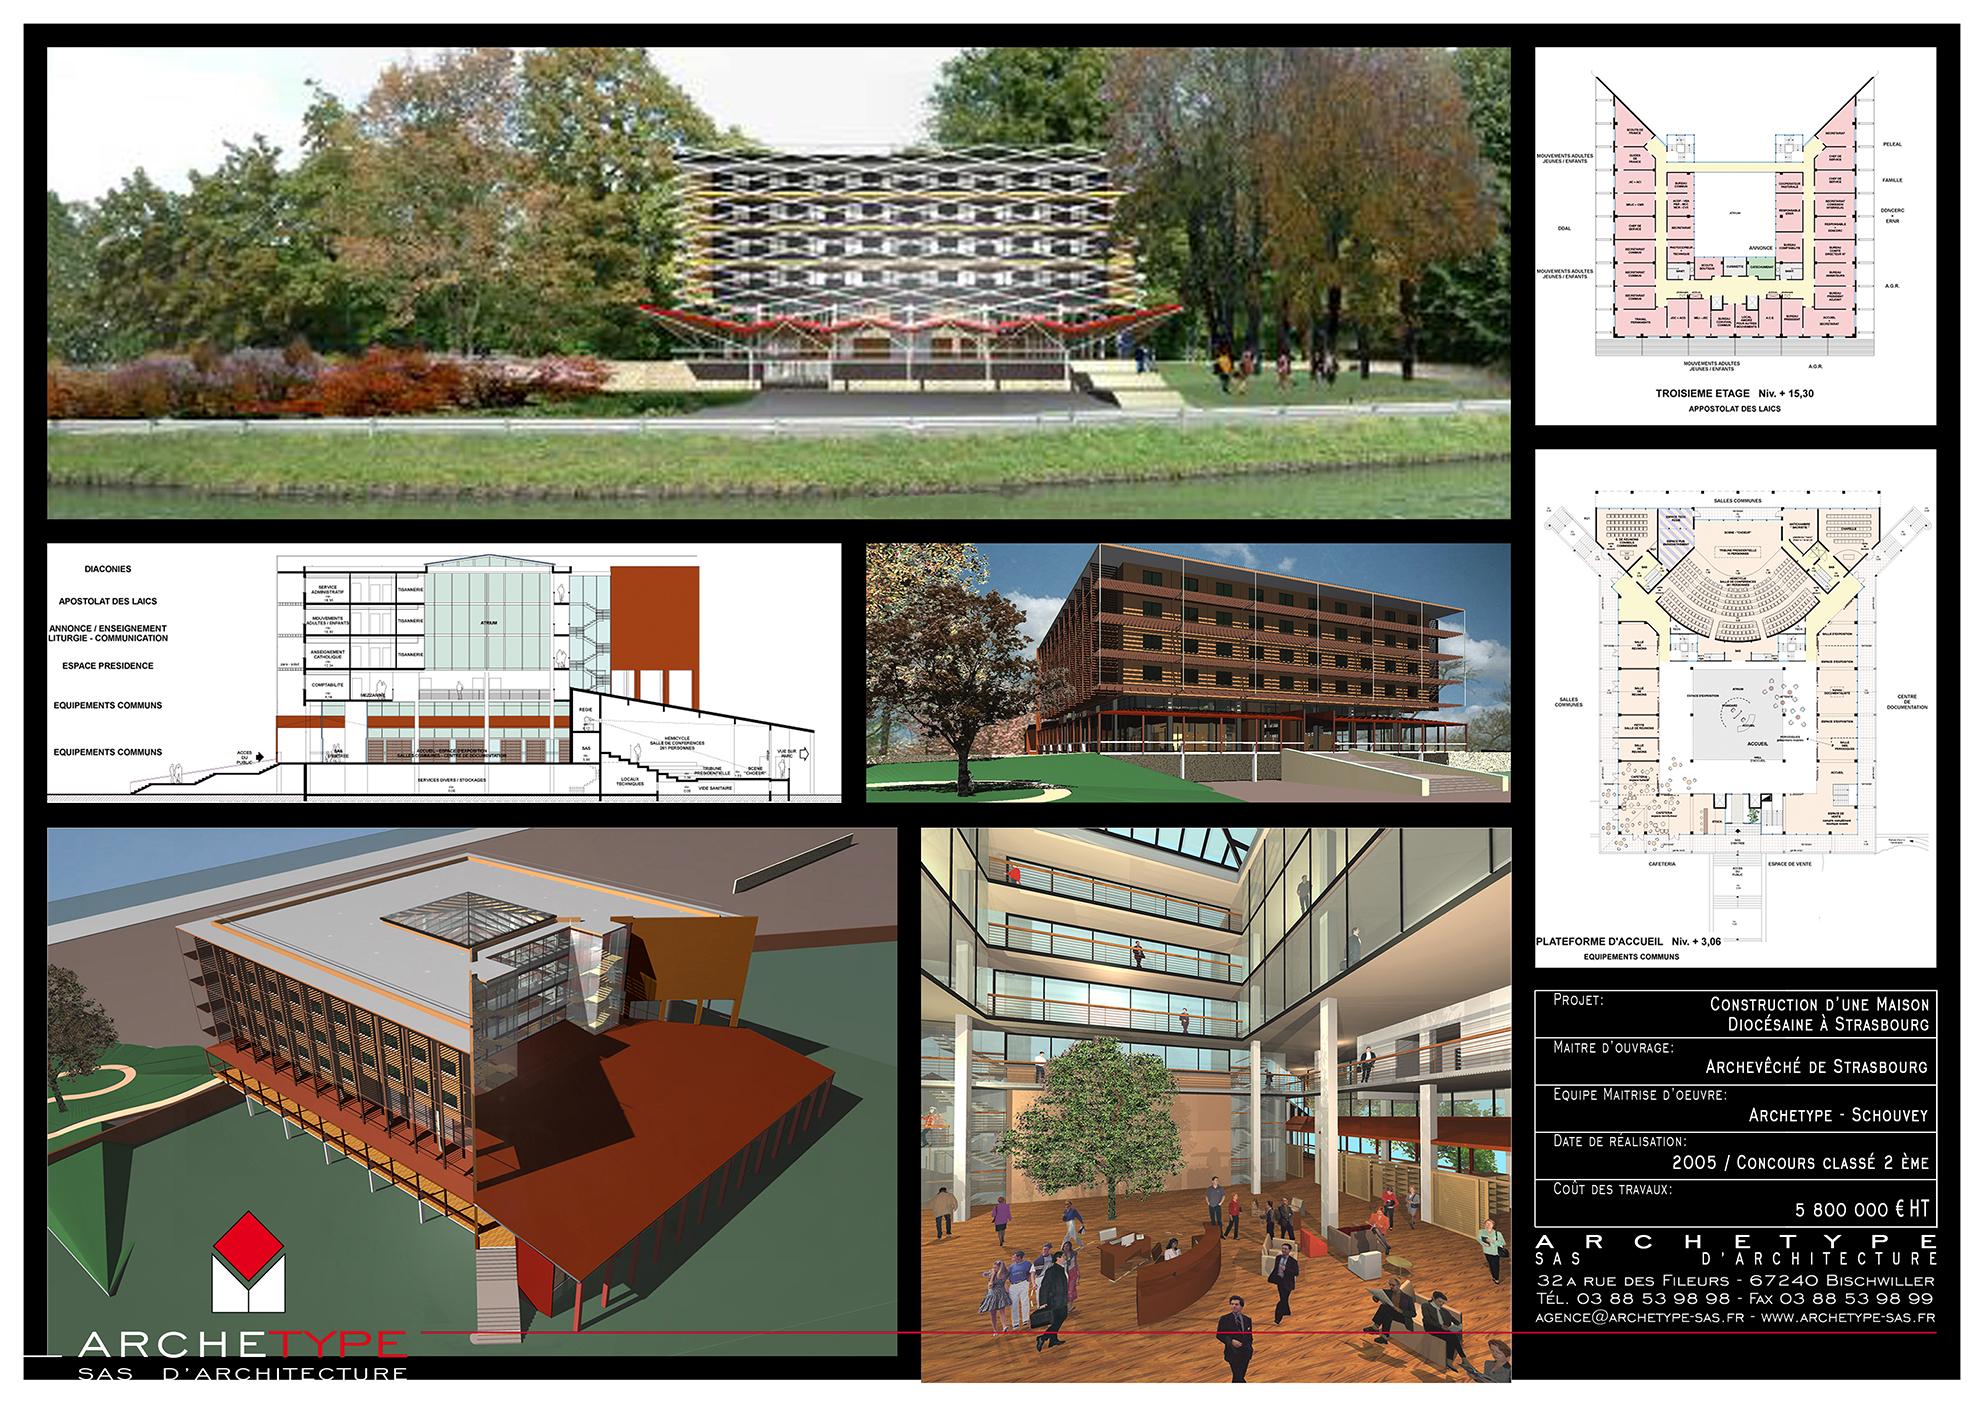 Construction Maison diocèsaine - Strasbourg